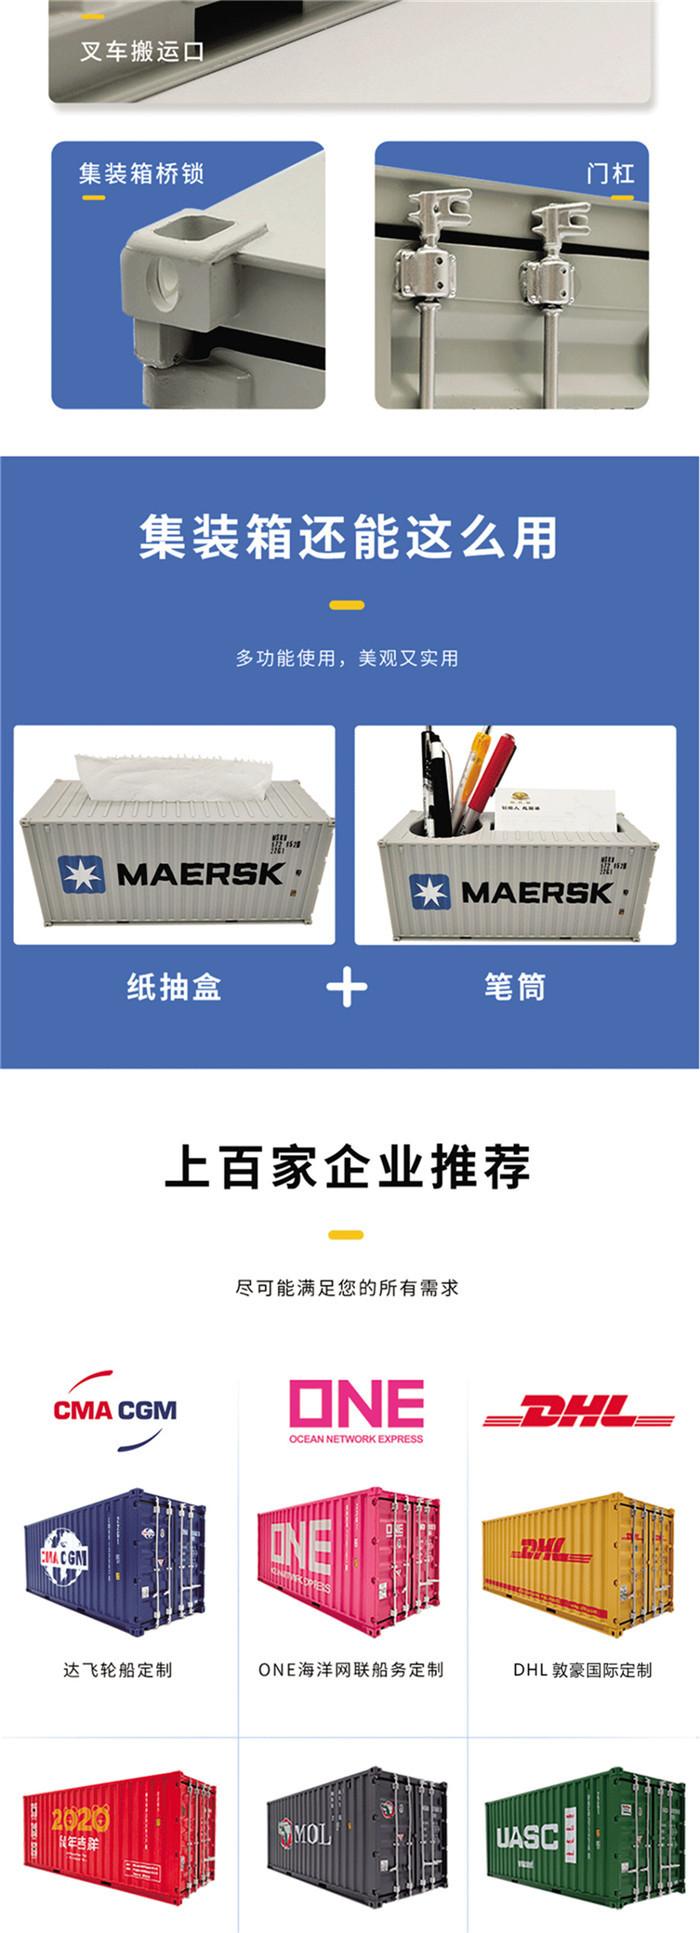 海藝坊集裝箱貨柜模型工廠生產制作各種:物流集裝箱模型紙巾盒筆筒,物流貨柜模型工廠,物流集裝箱模型生產廠家,物流貨柜模型批發。